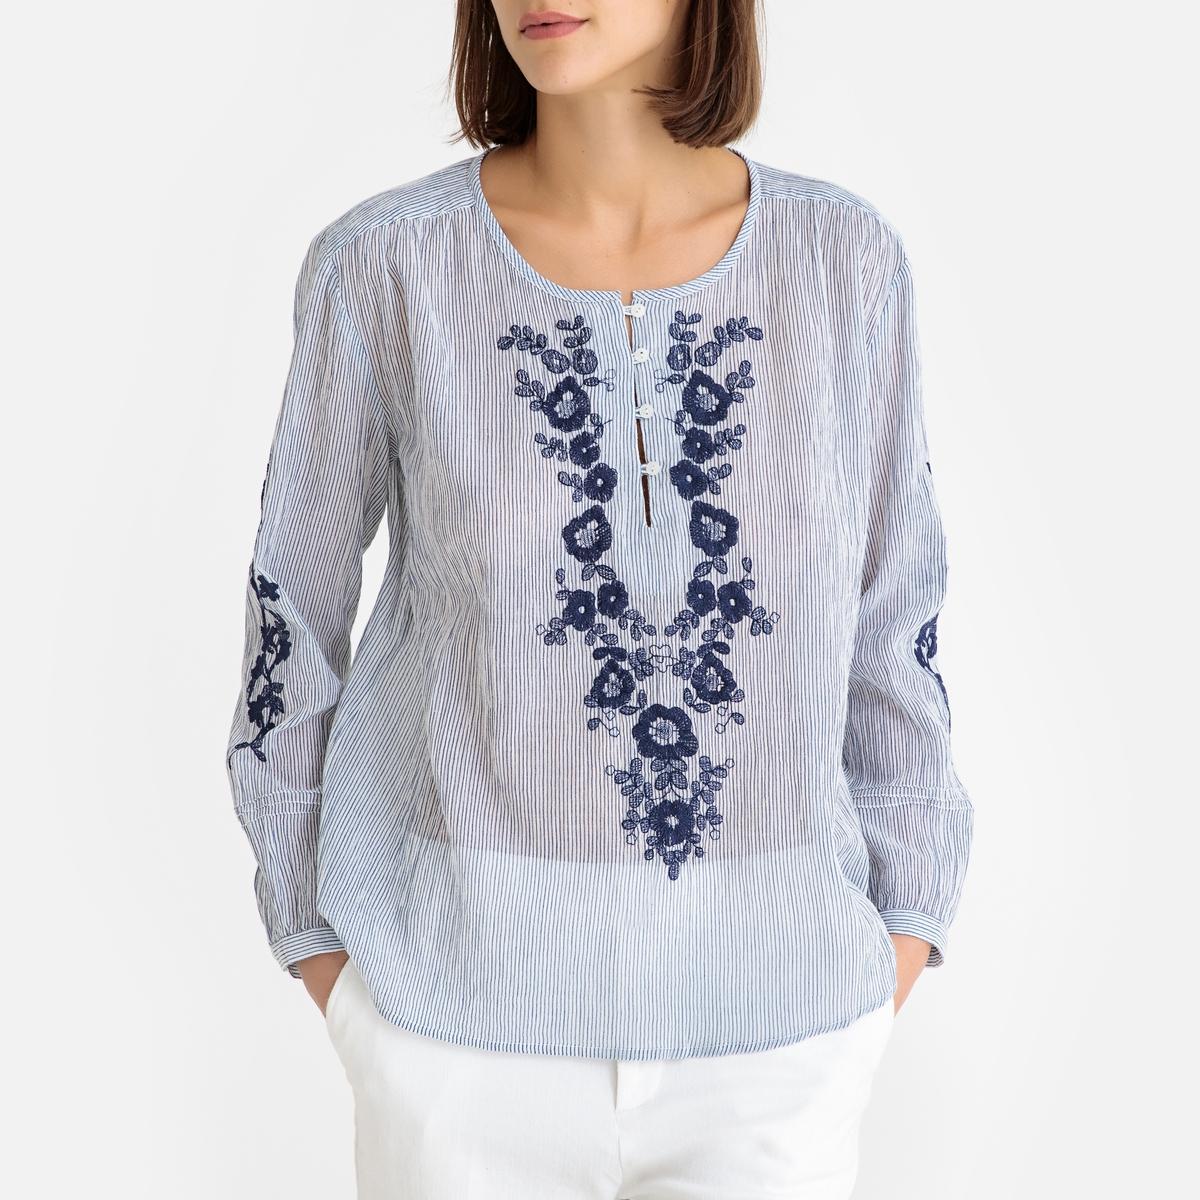 цена Блузка La Redoute С вышивкой CECILIA S синий онлайн в 2017 году